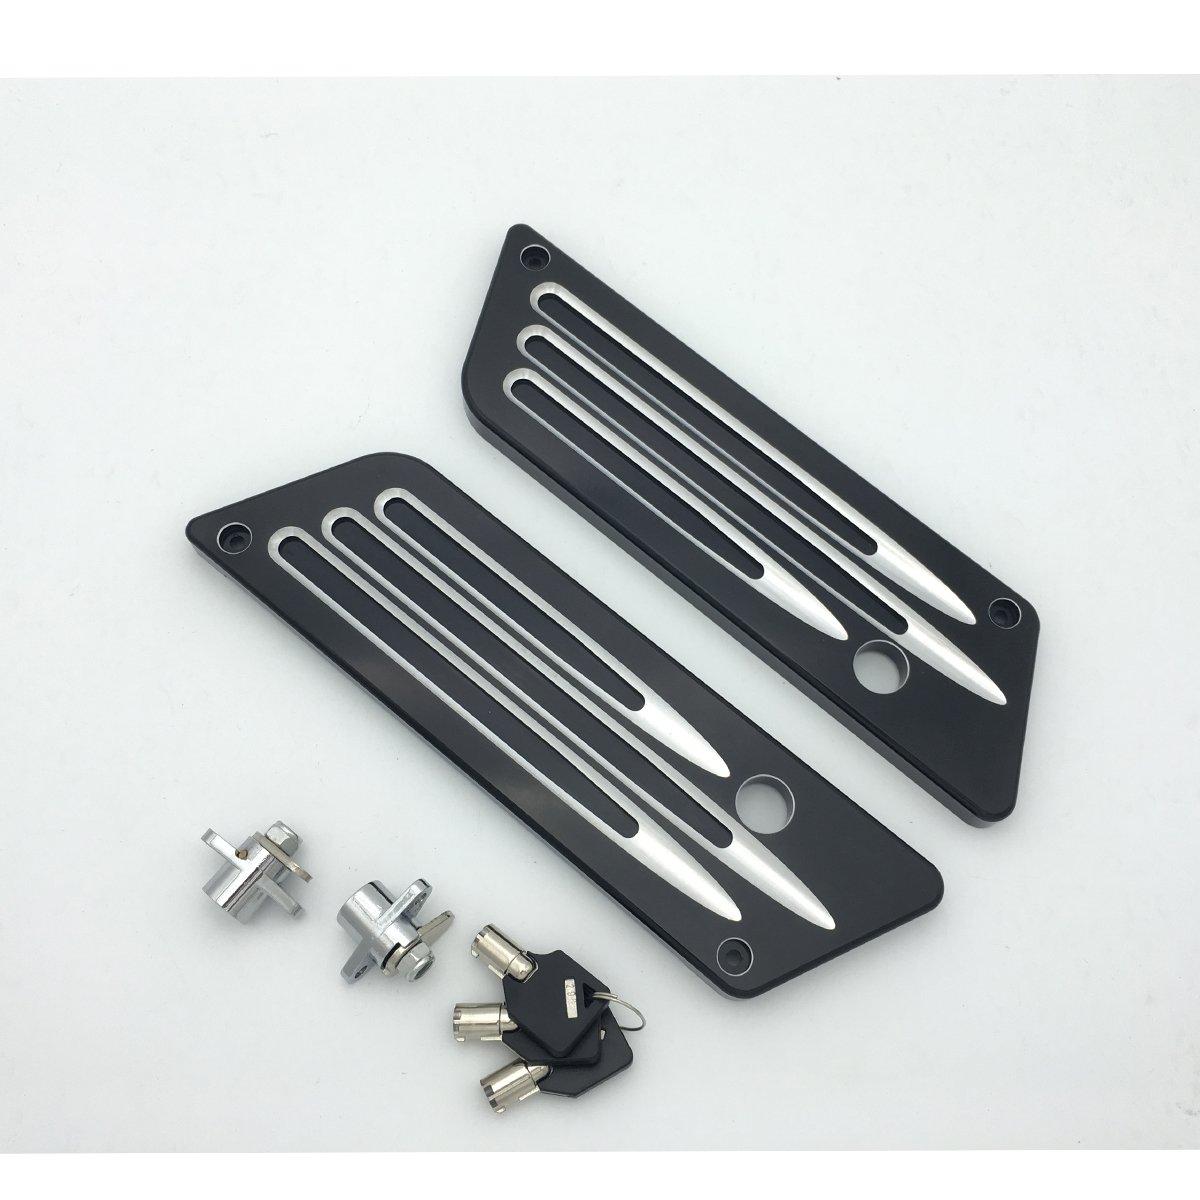 Black Billet Hard Saddlebag Bags Latch Cover Lock Set for Harley-Davidson Touring 1993-2013